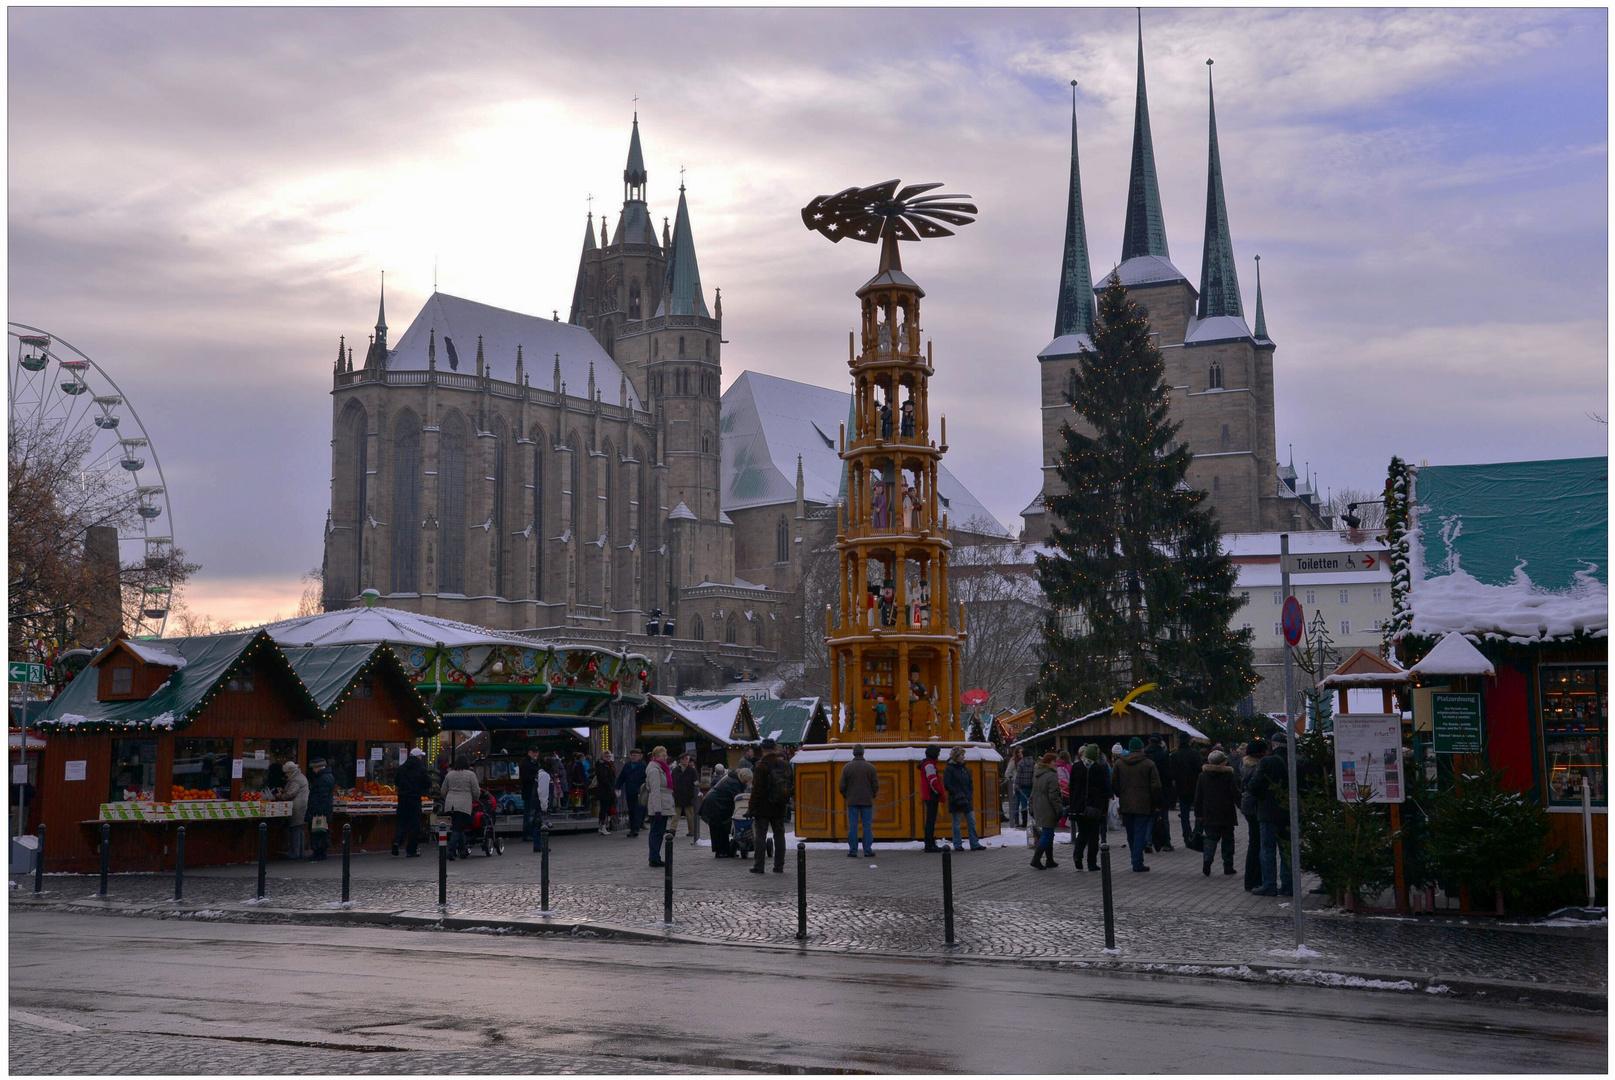 estar de visita en Erfurt, 5 (Besuch in Erfurt, 5)